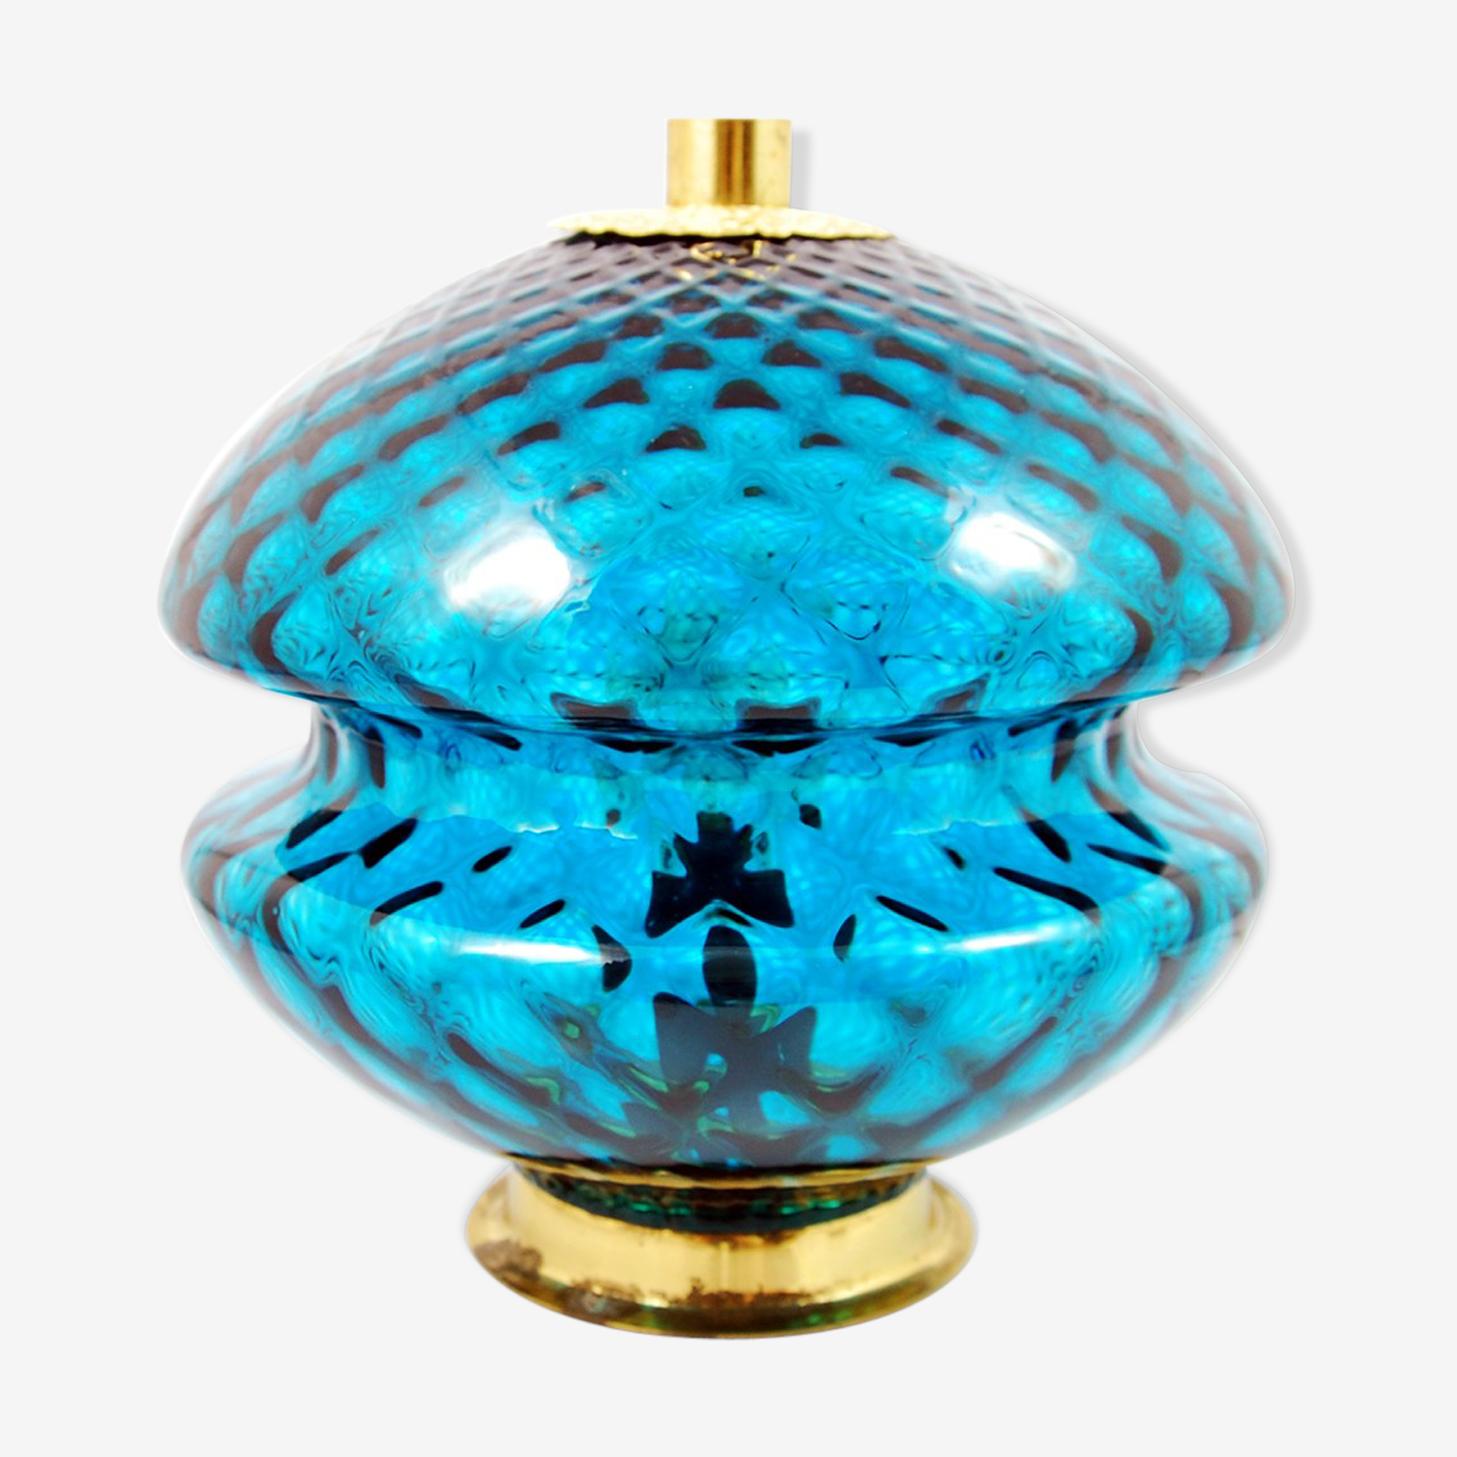 Lampe de table T310/01 par Jablonecké Sklárny Desná, années 1960